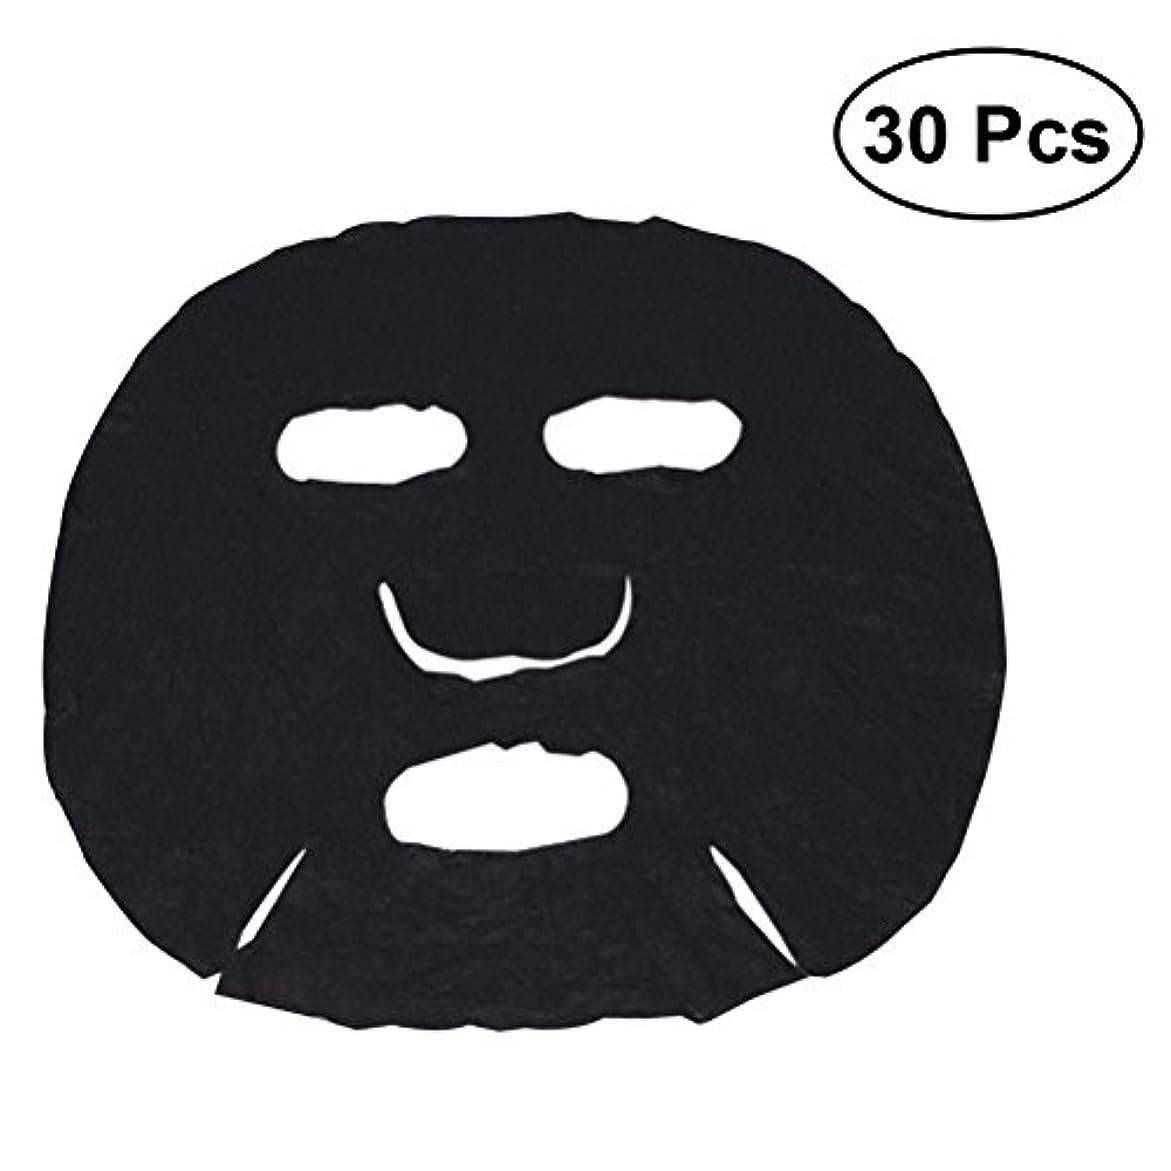 滴下顕著キャリアFrcolor 圧縮マスク 圧縮フェイスパック 竹炭 圧縮マスクシート スキンケア DIY 30枚入り 携帯便利 使い捨て